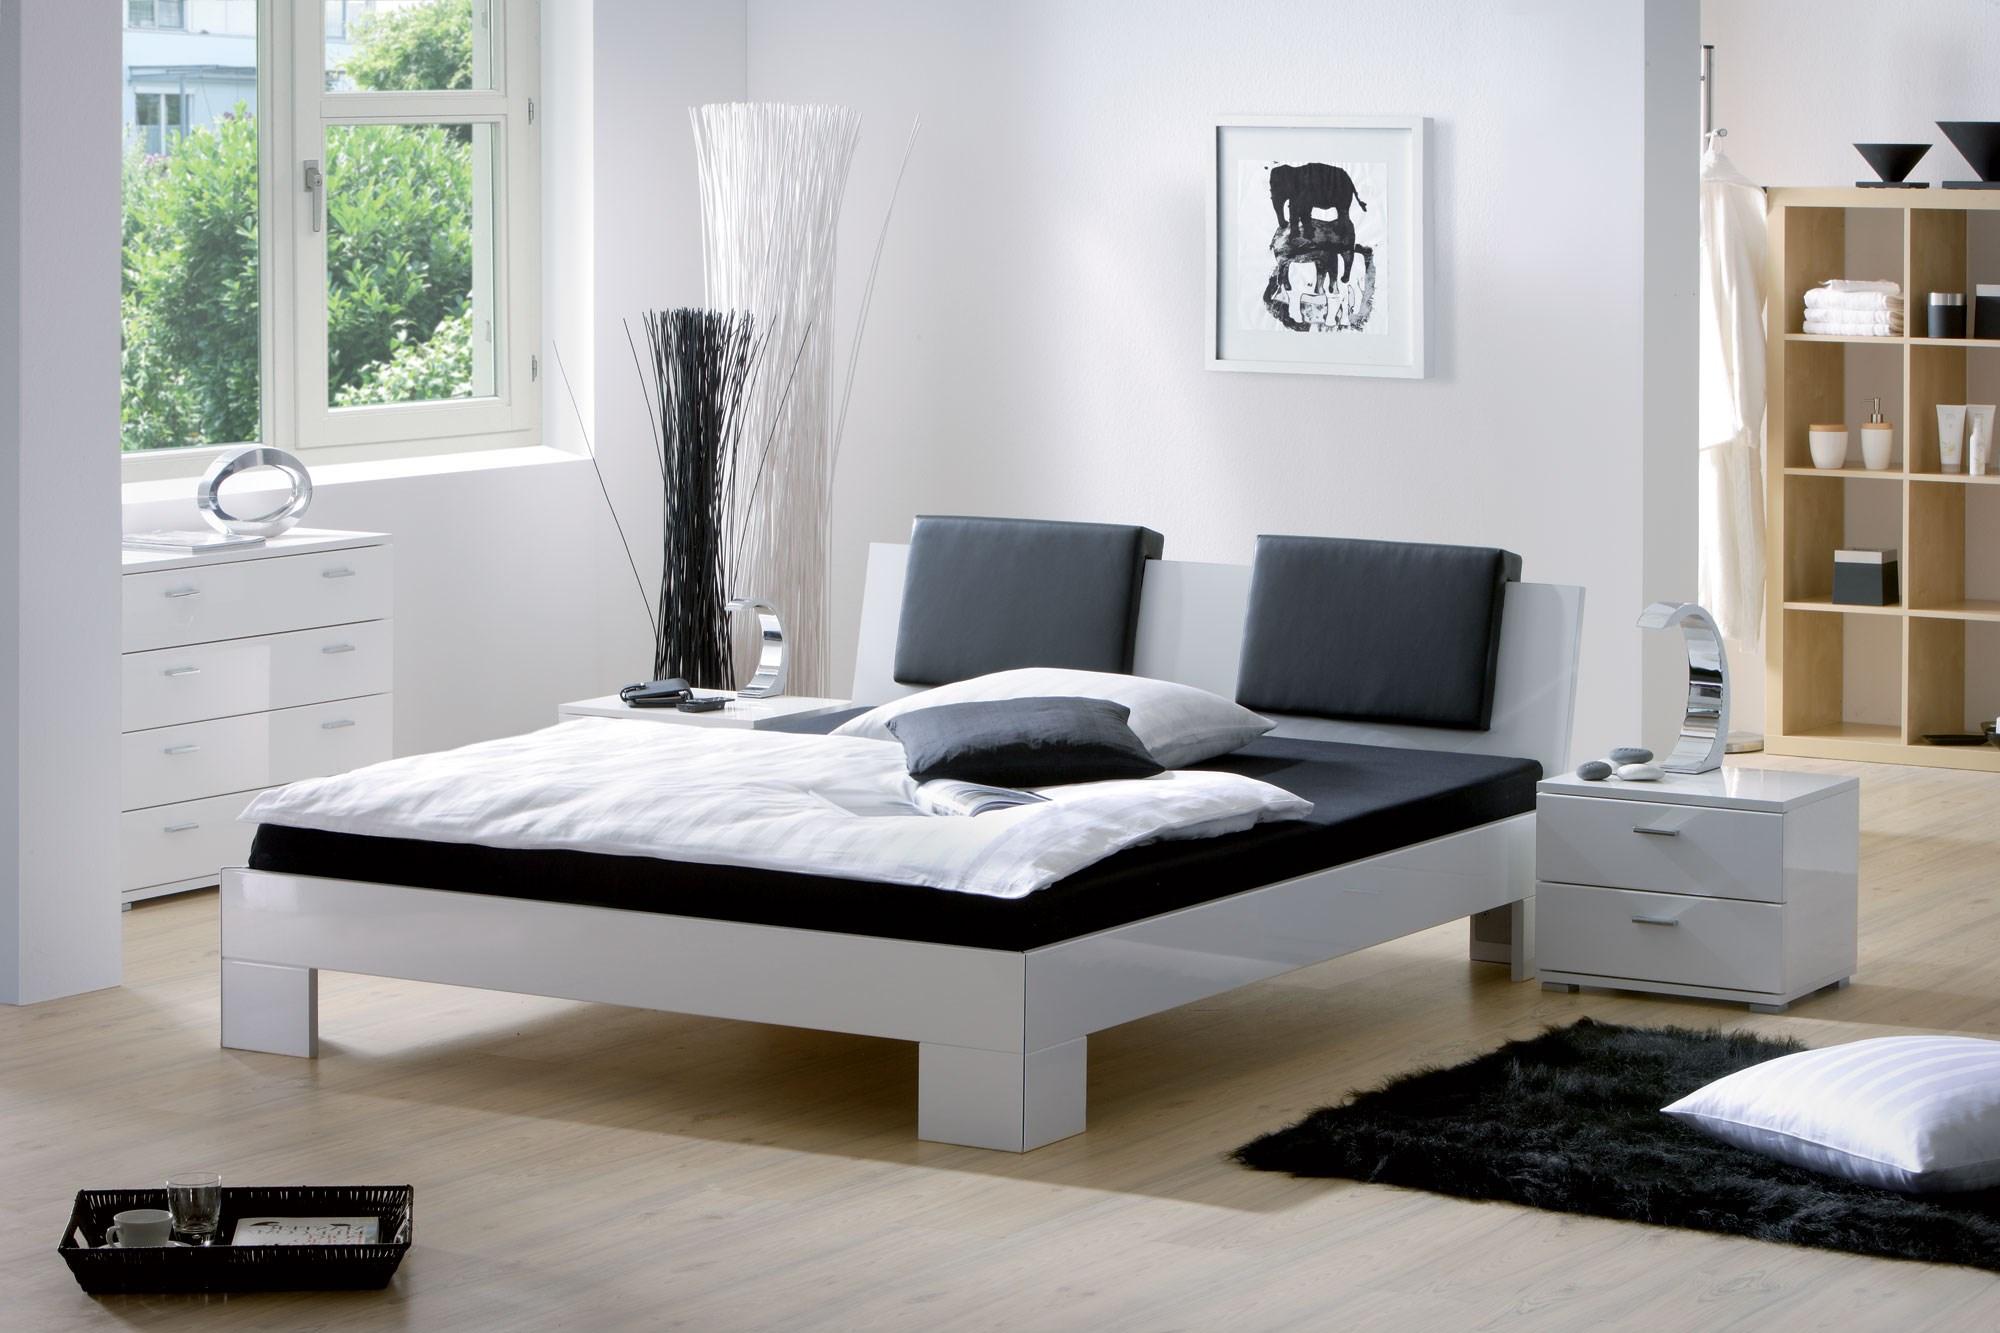 Bedroom Accessories Range